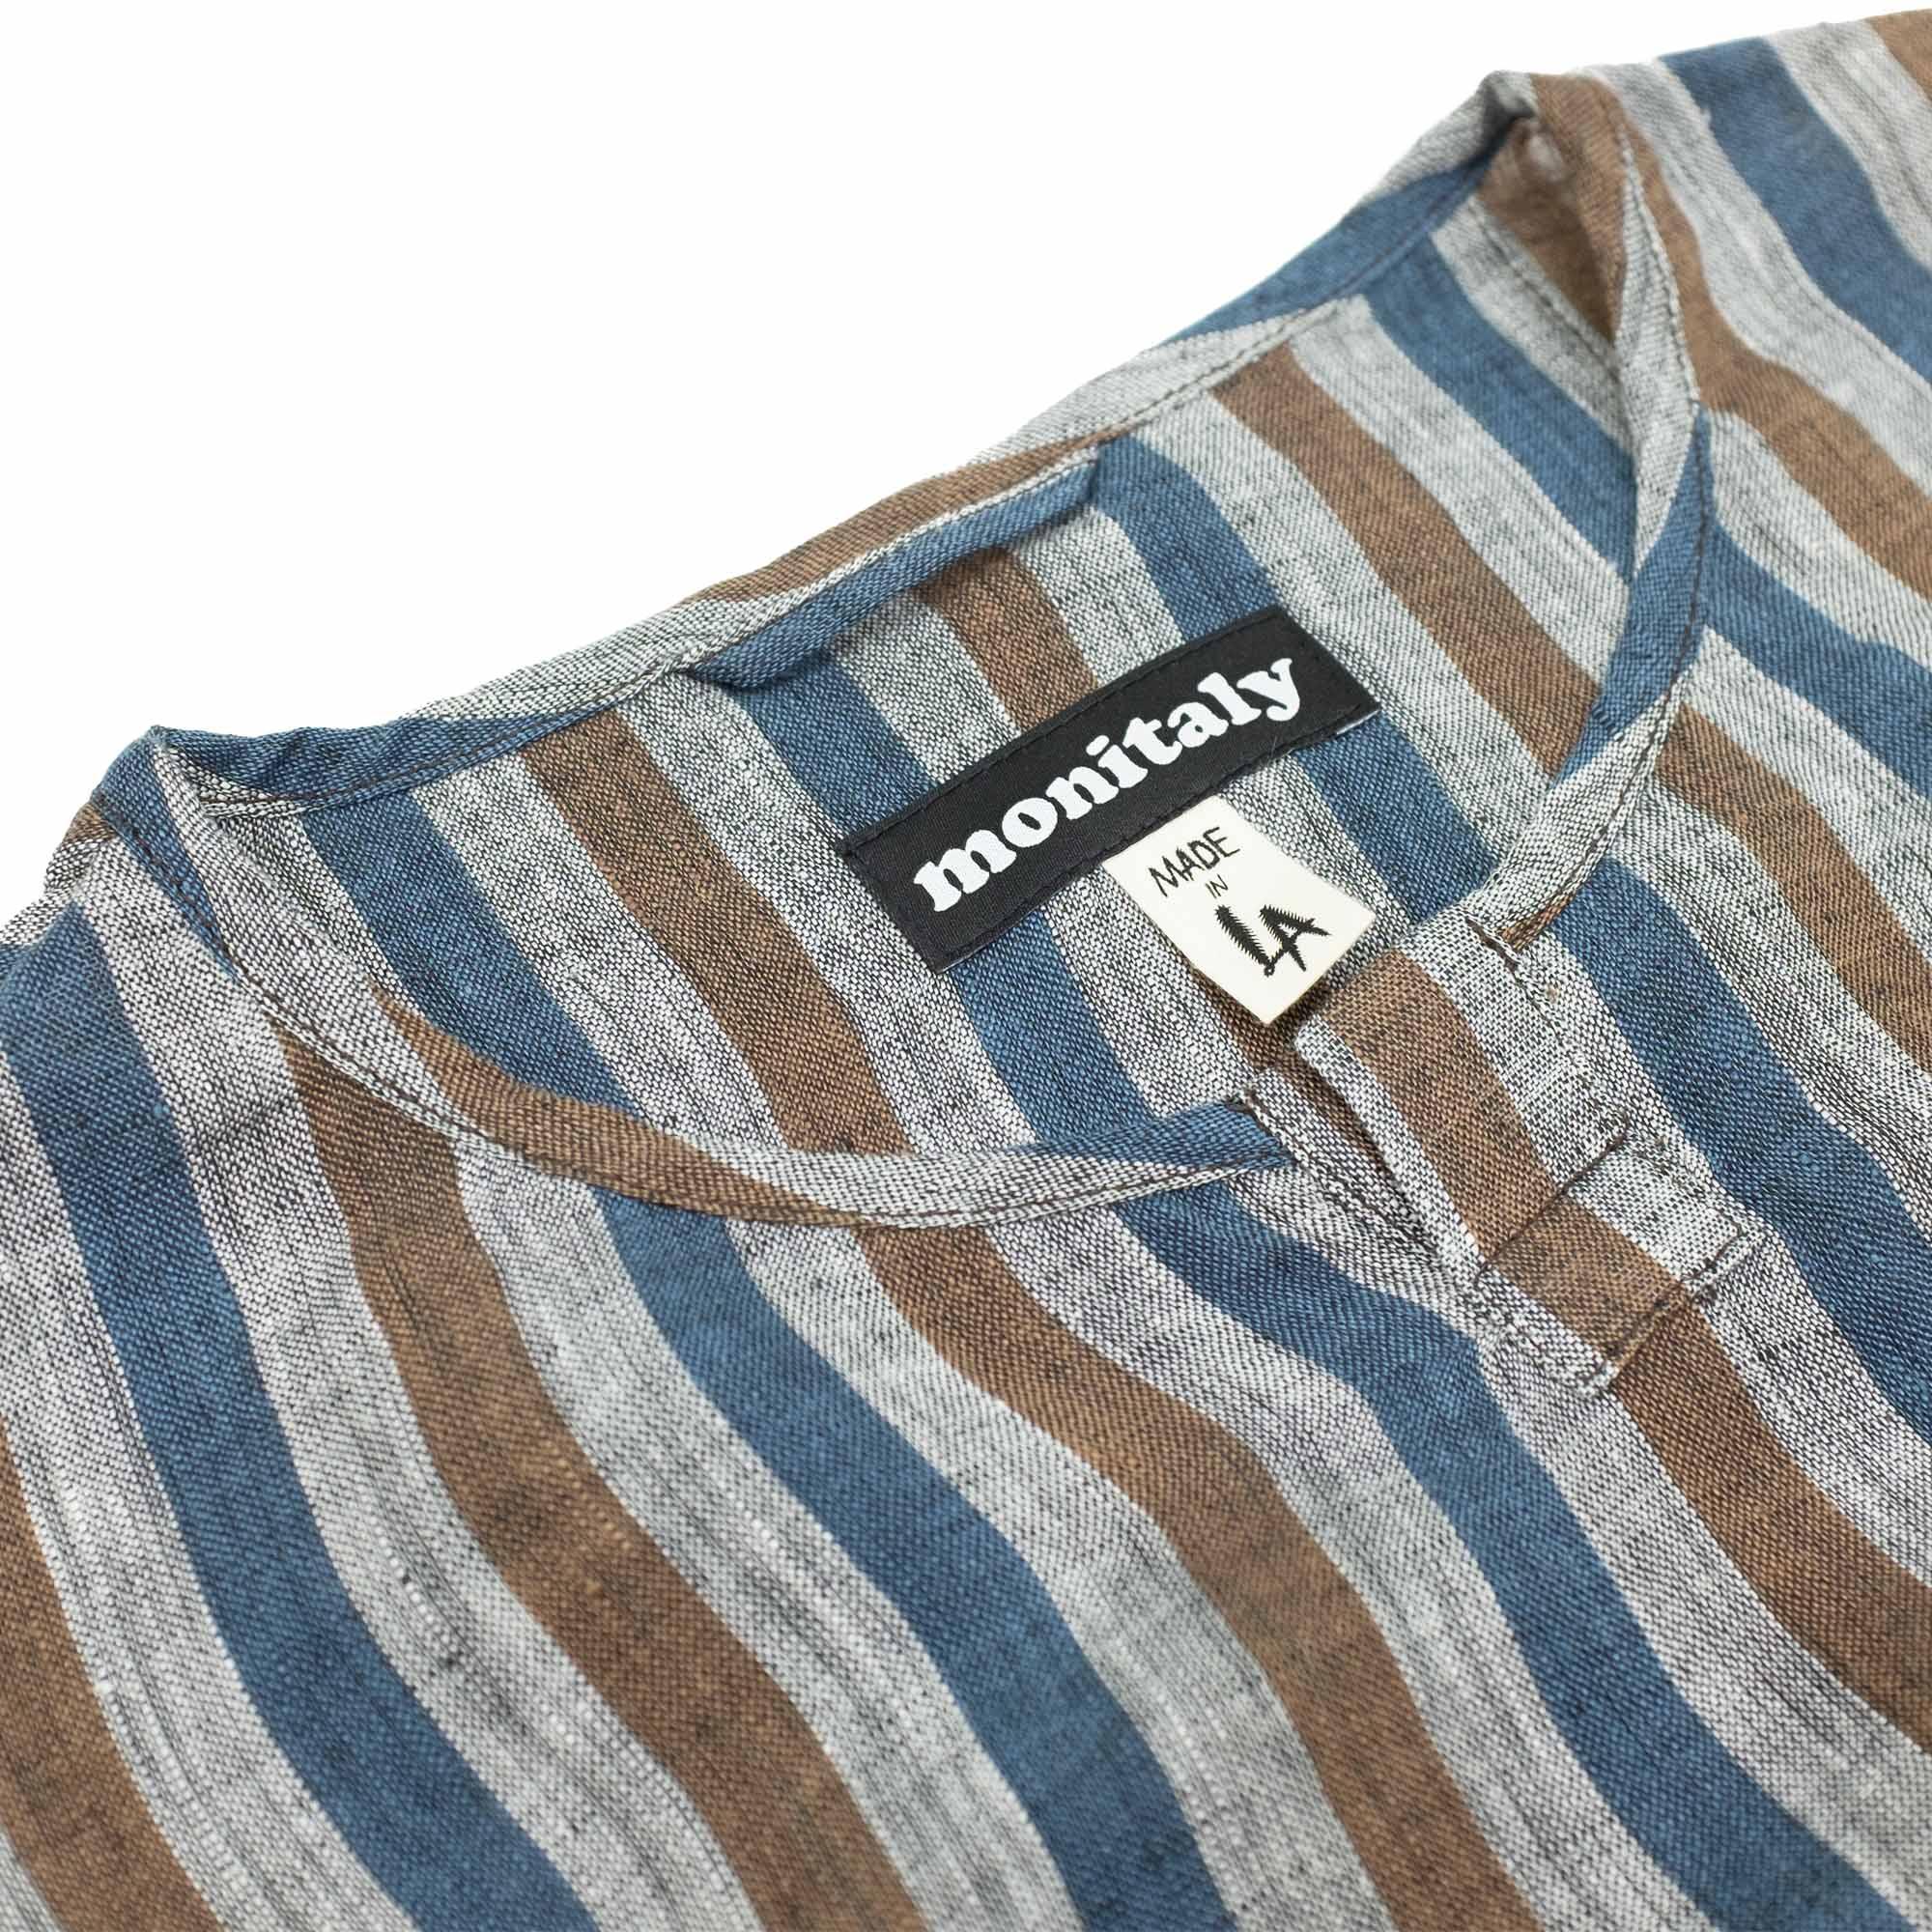 Monitaly L/S Crew Henley Pullover - Lt Linen Stripe